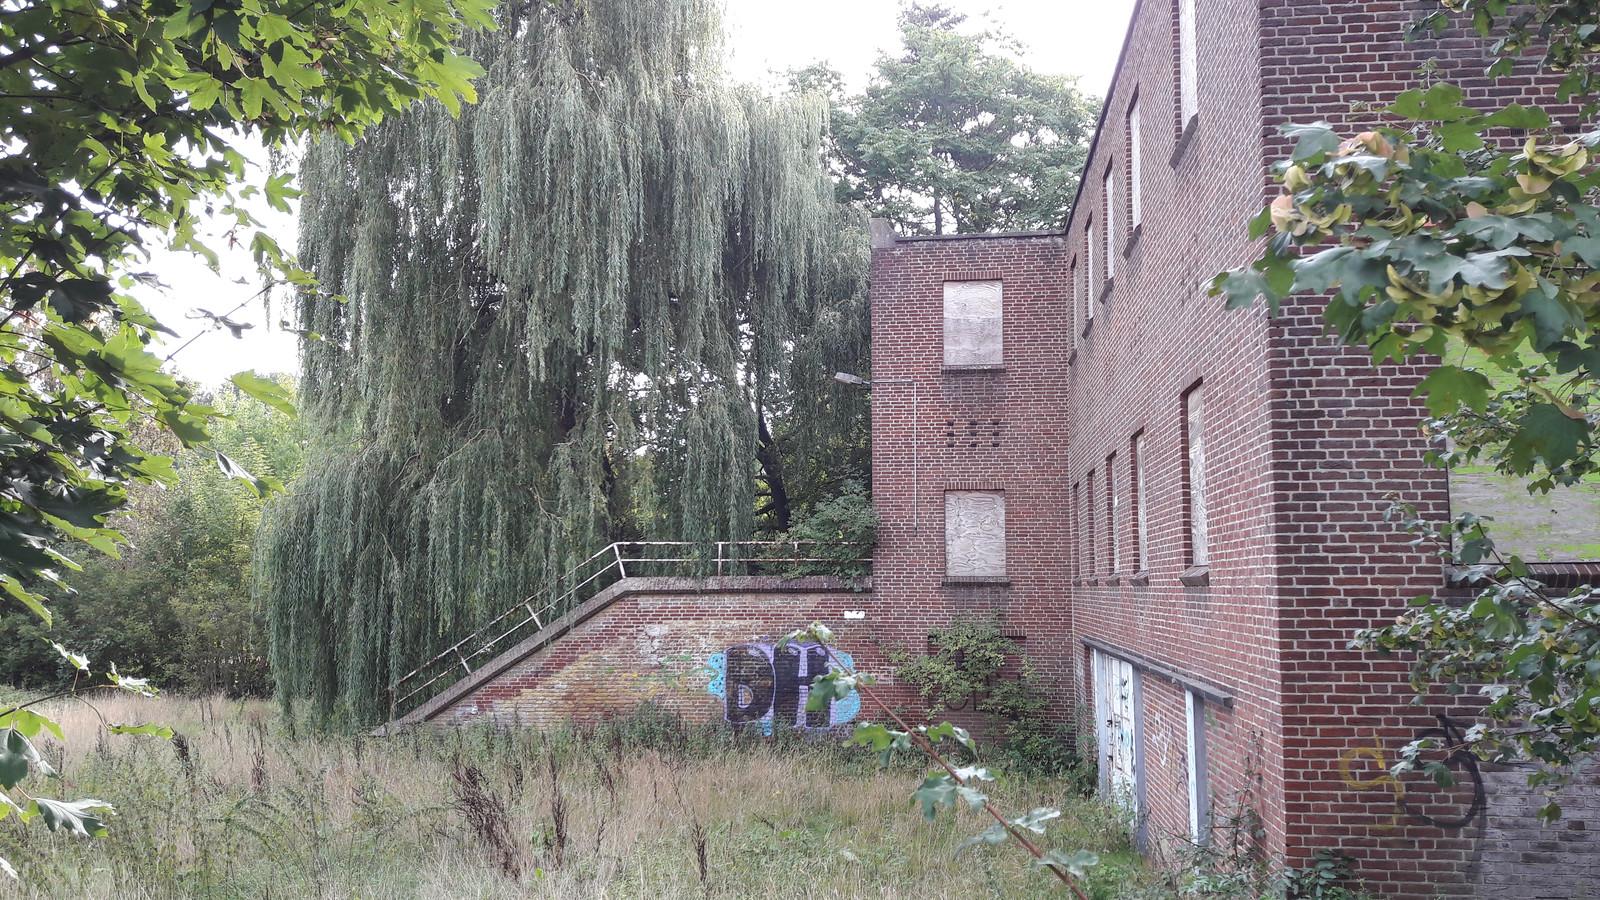 De achterkant van het schoolpand dat al jaren leegstaat in Gennep.